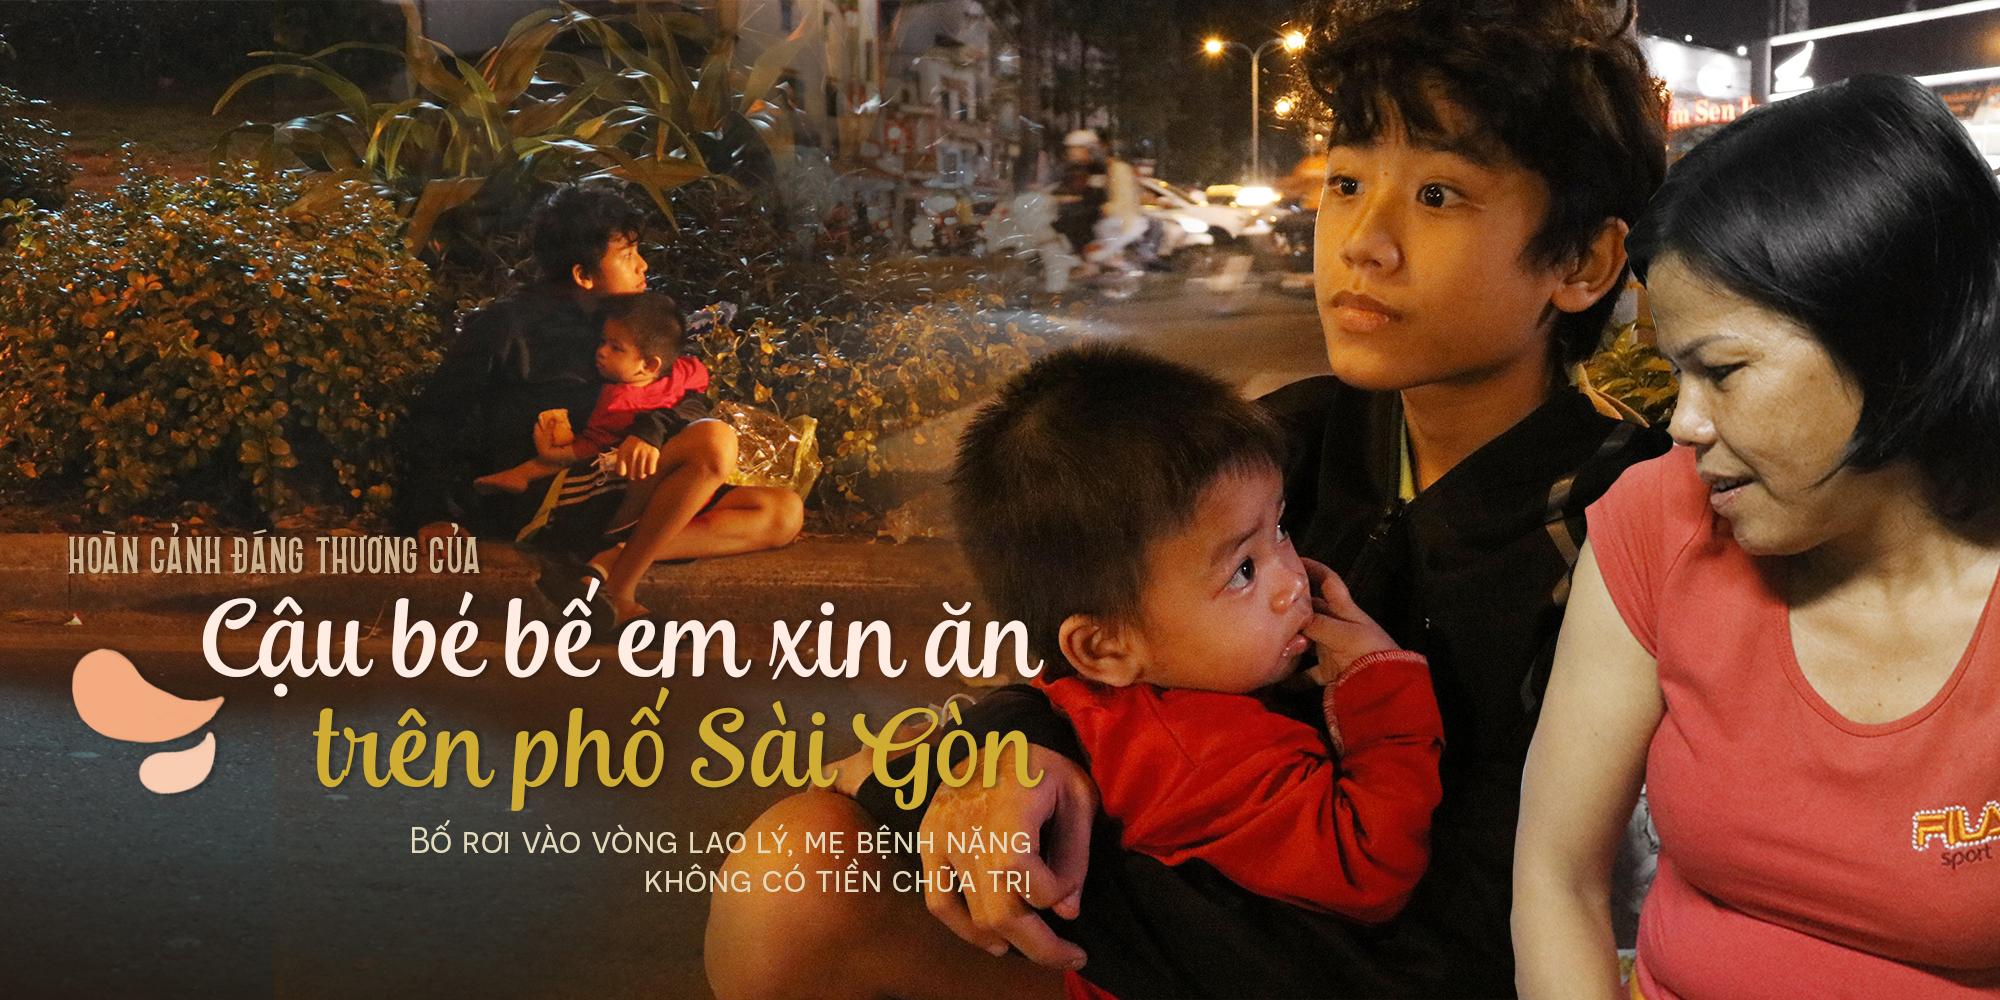 Hoàn cảnh đáng thương của cậu bé 12 tuổi bế em ăn xin trên phố Sài Gòn